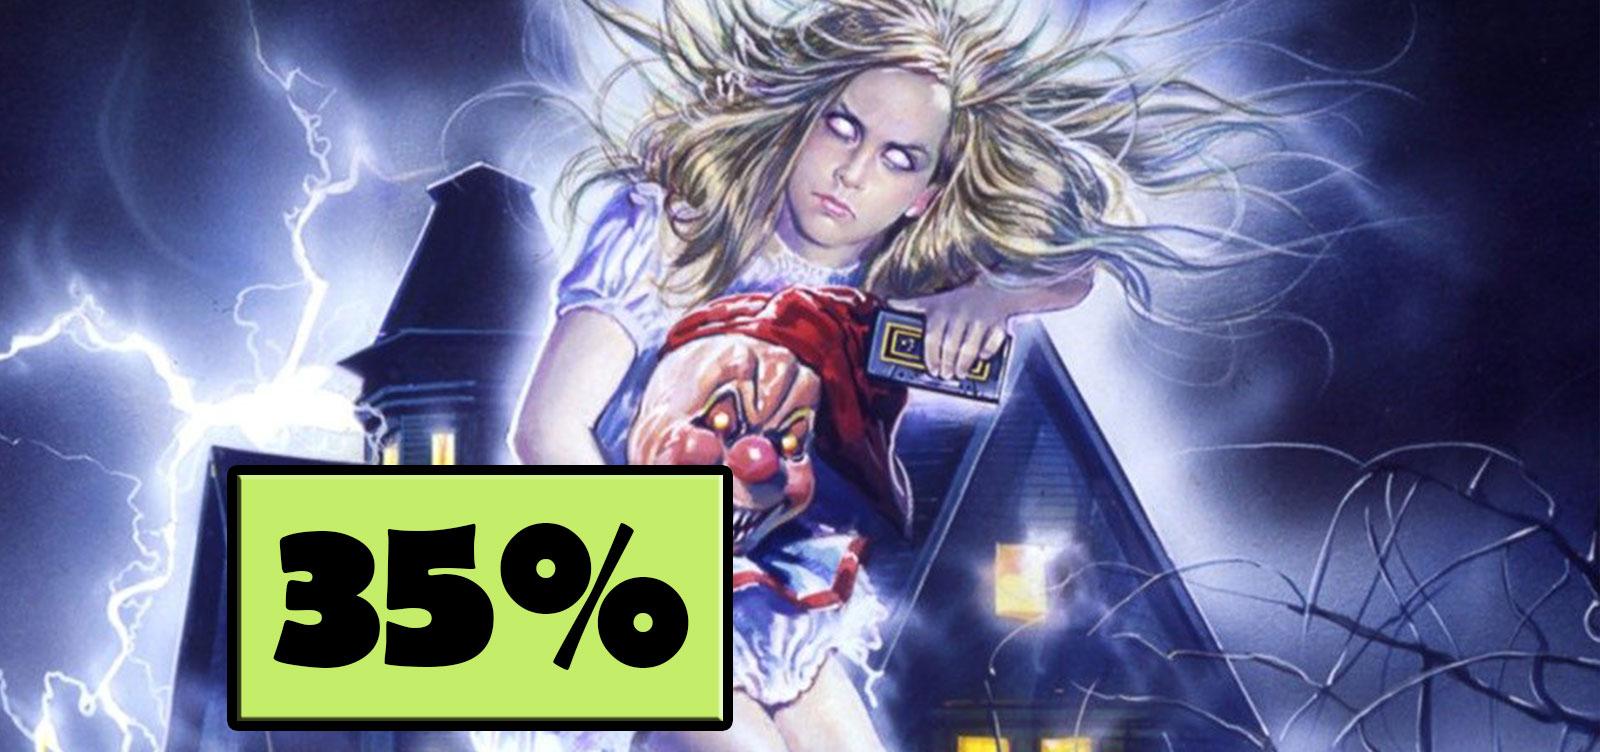 35% Horror